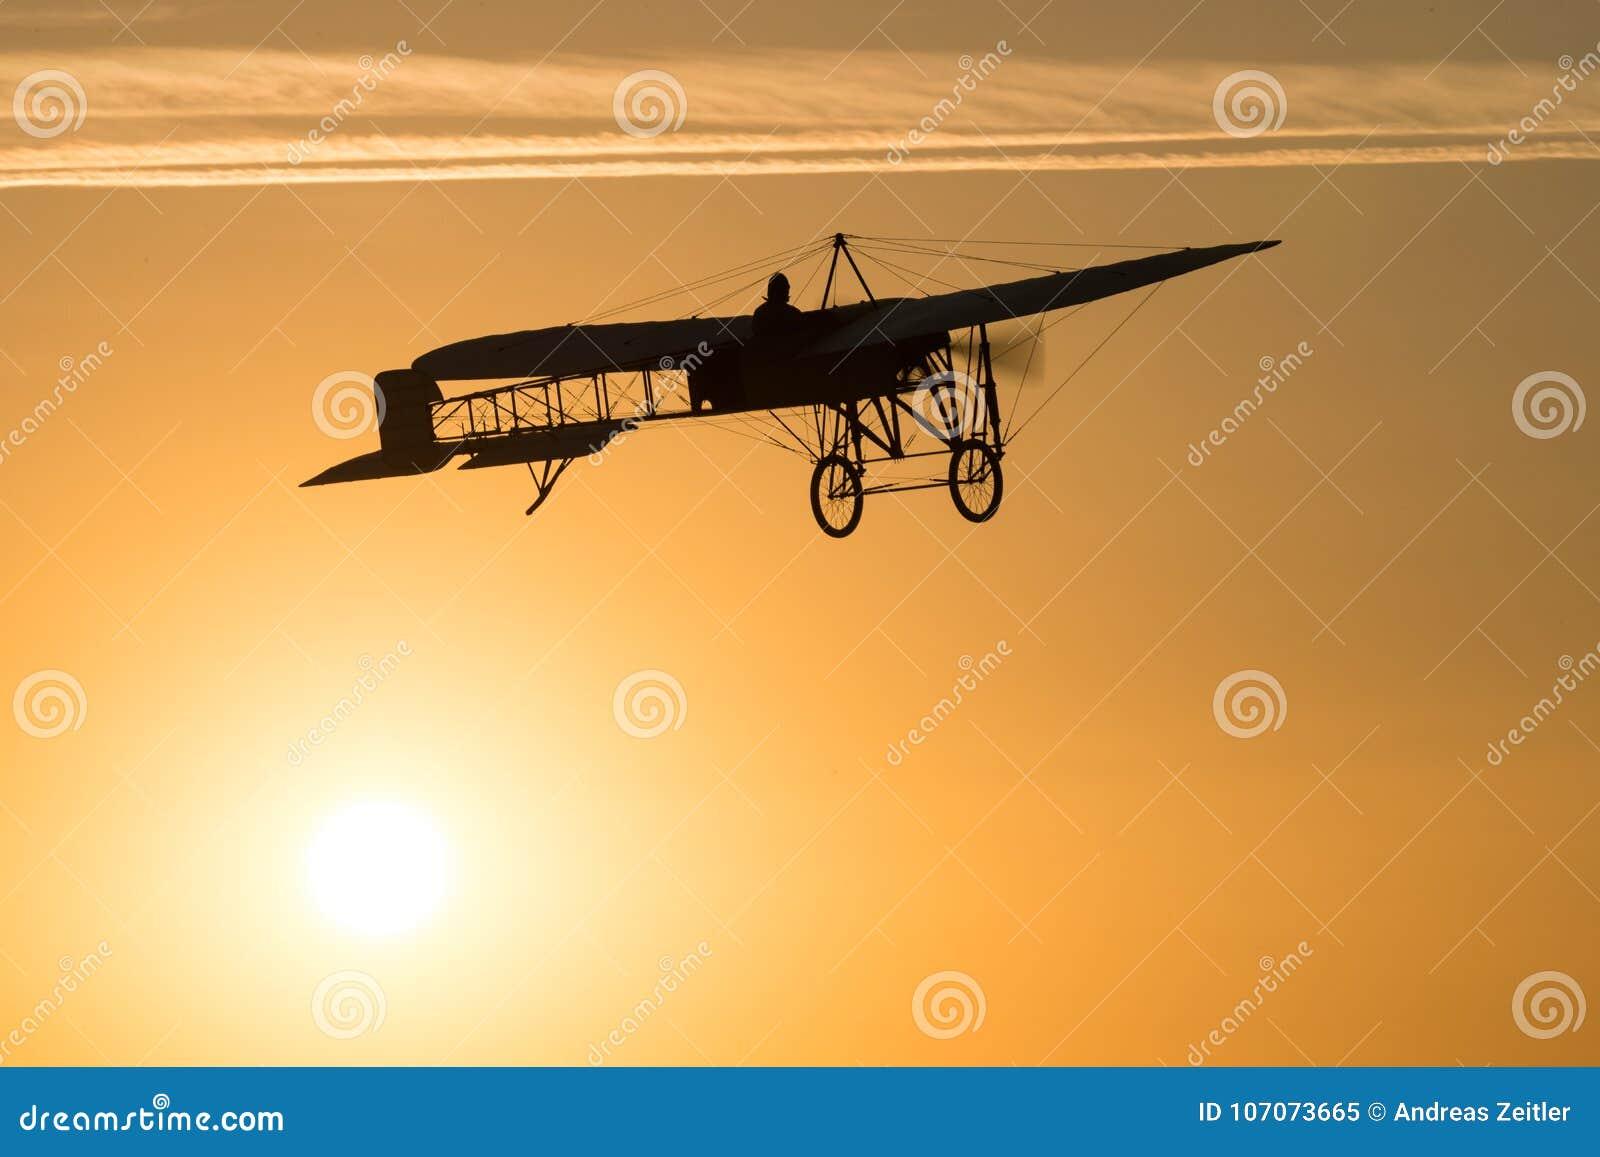 Altes Weinleseflugzeugfliegen in einem orange Himmel bei Sonnenuntergang